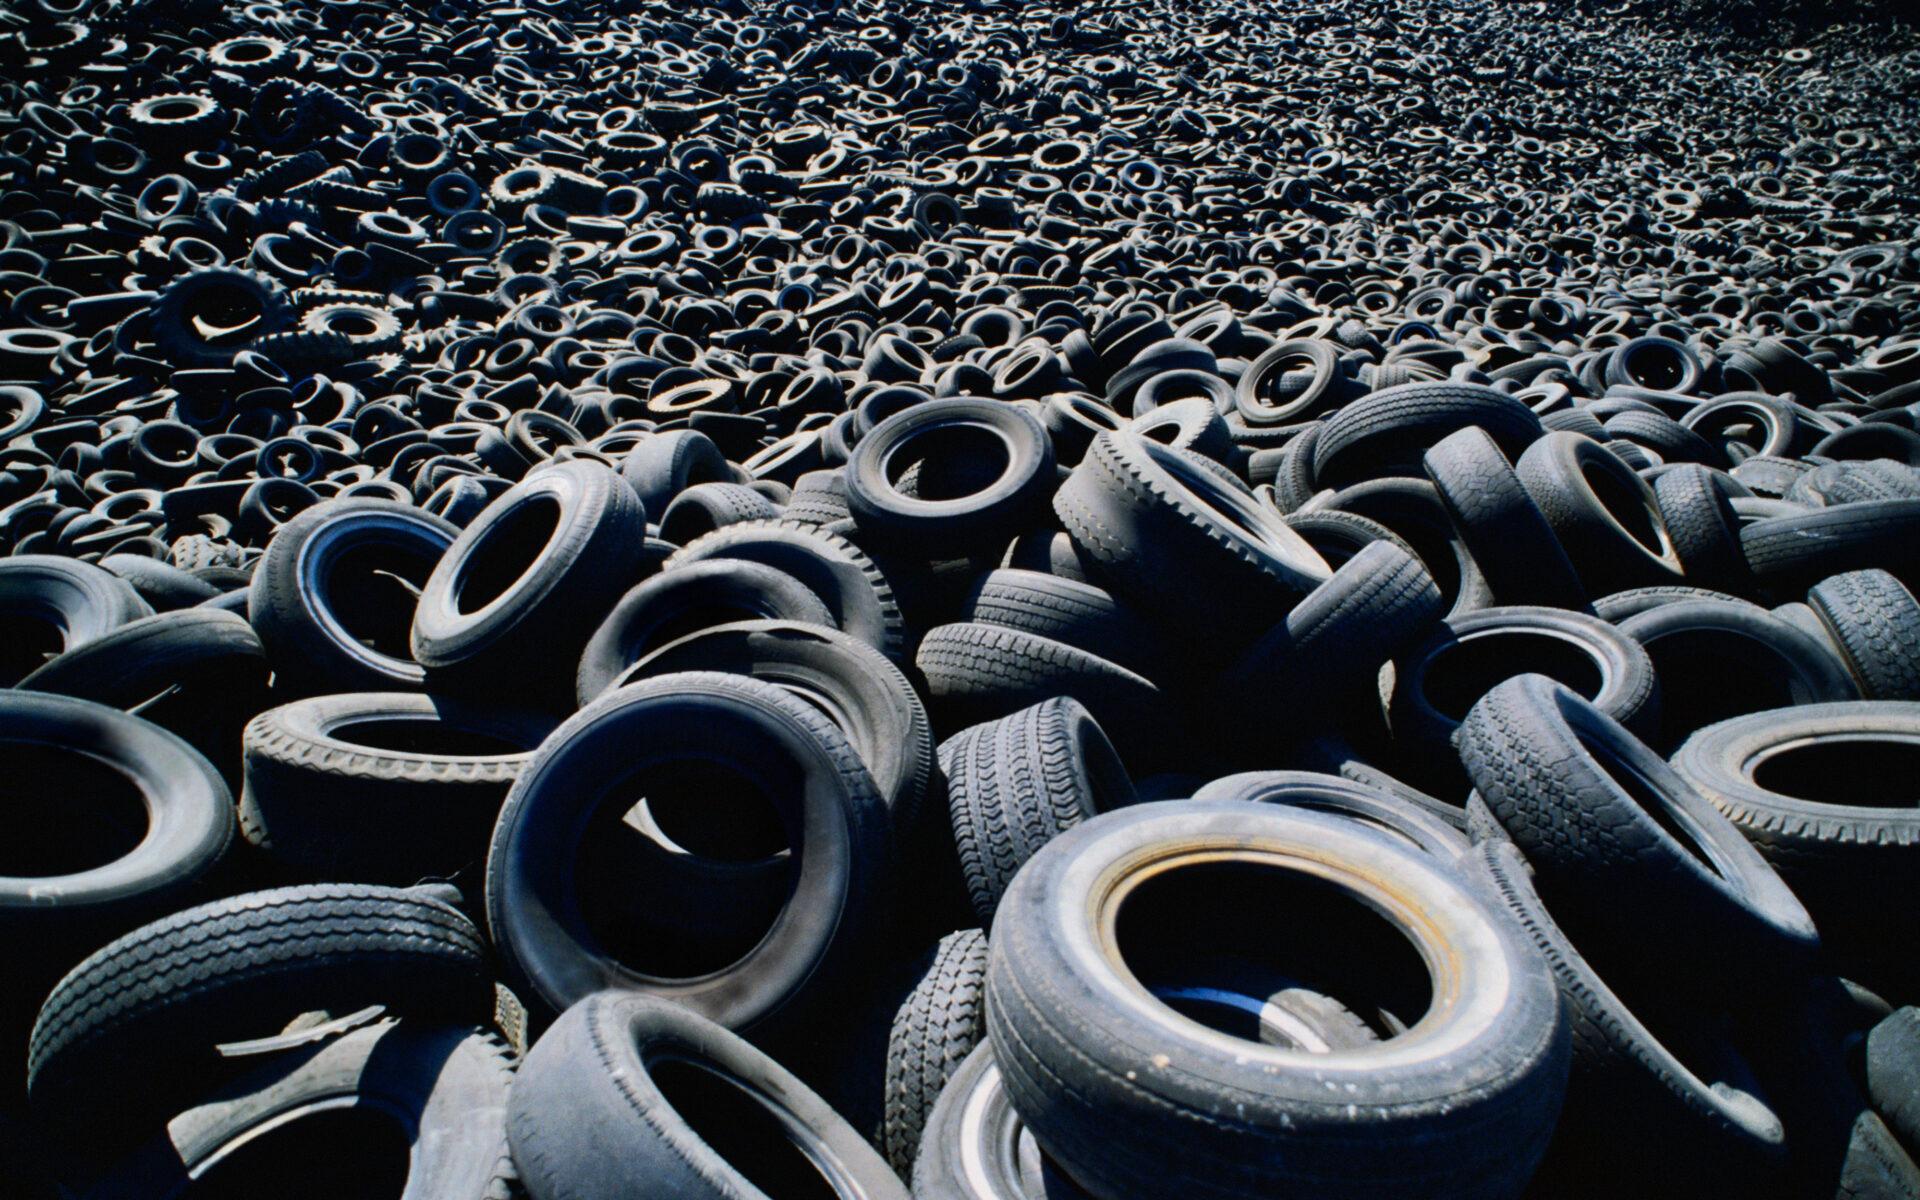 Planta de reciclaje de neumáticos Sotecma